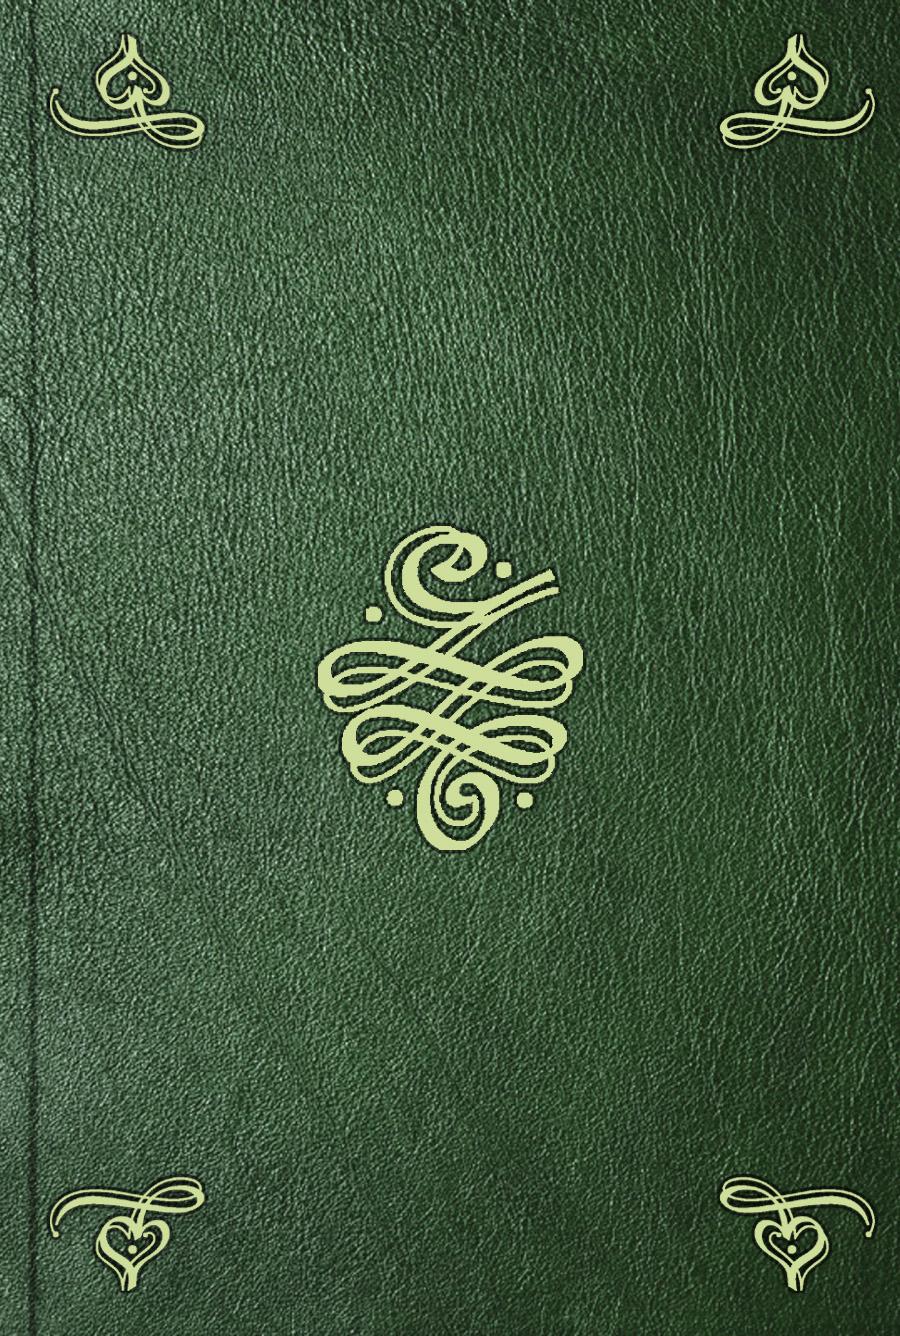 Susanne Curchod Necker Mélanges extraits des manuscrits. T. 3 ornementation des manuscrits au moyen age xiii siecle